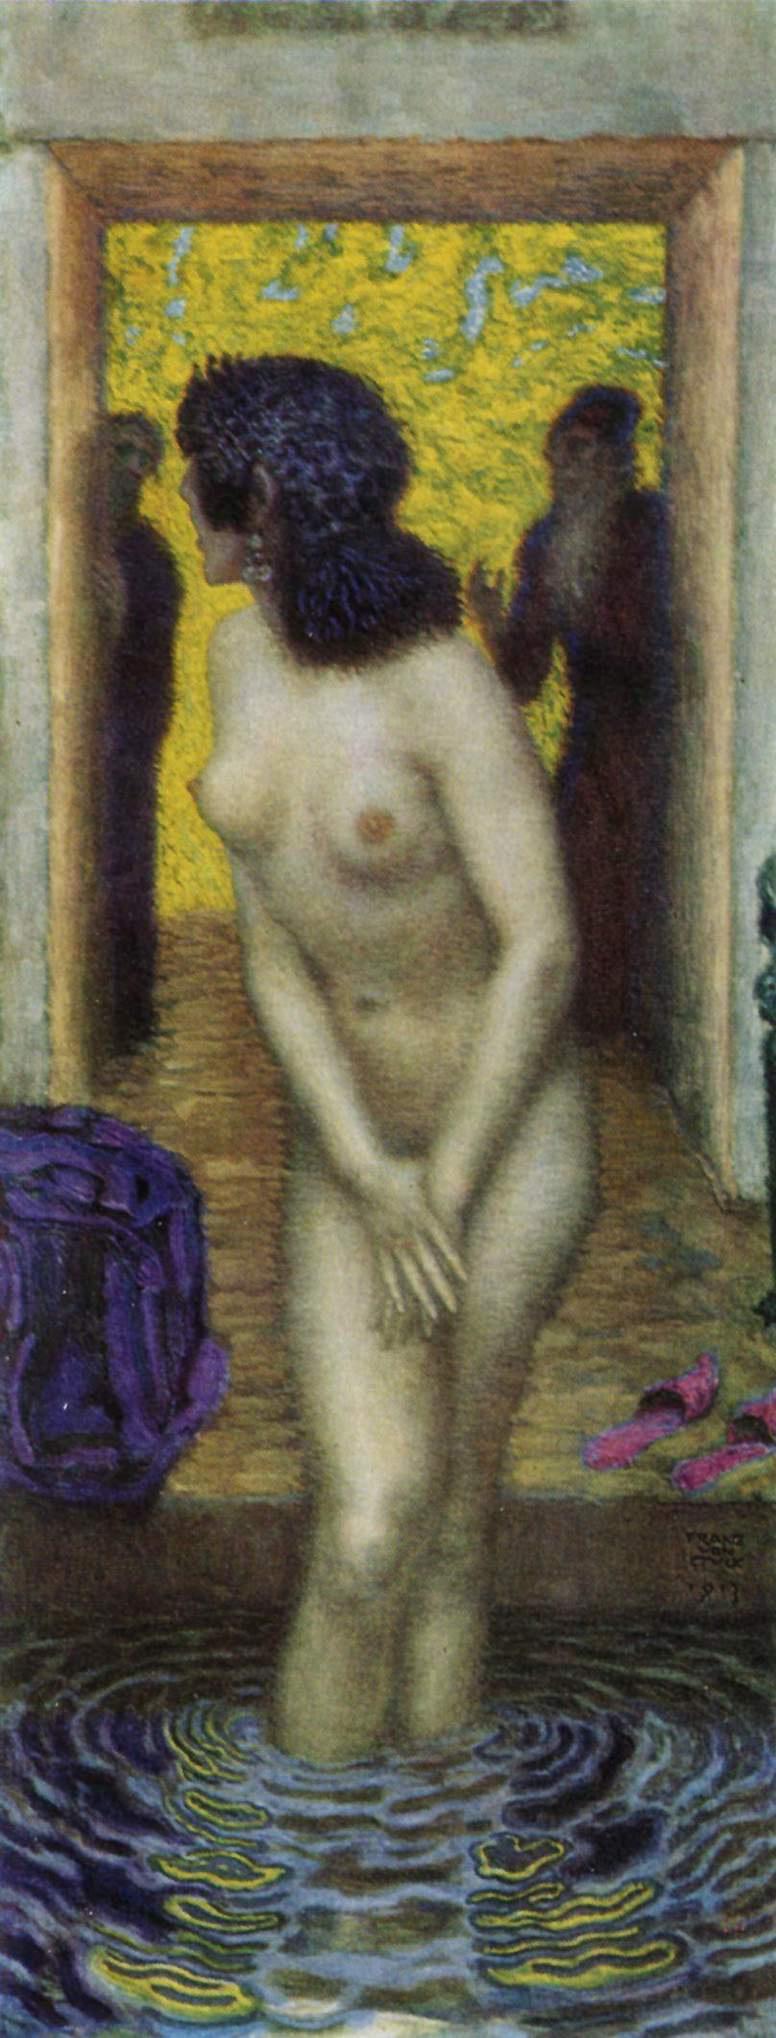 Franz von Stuck. The Bathing Susanna